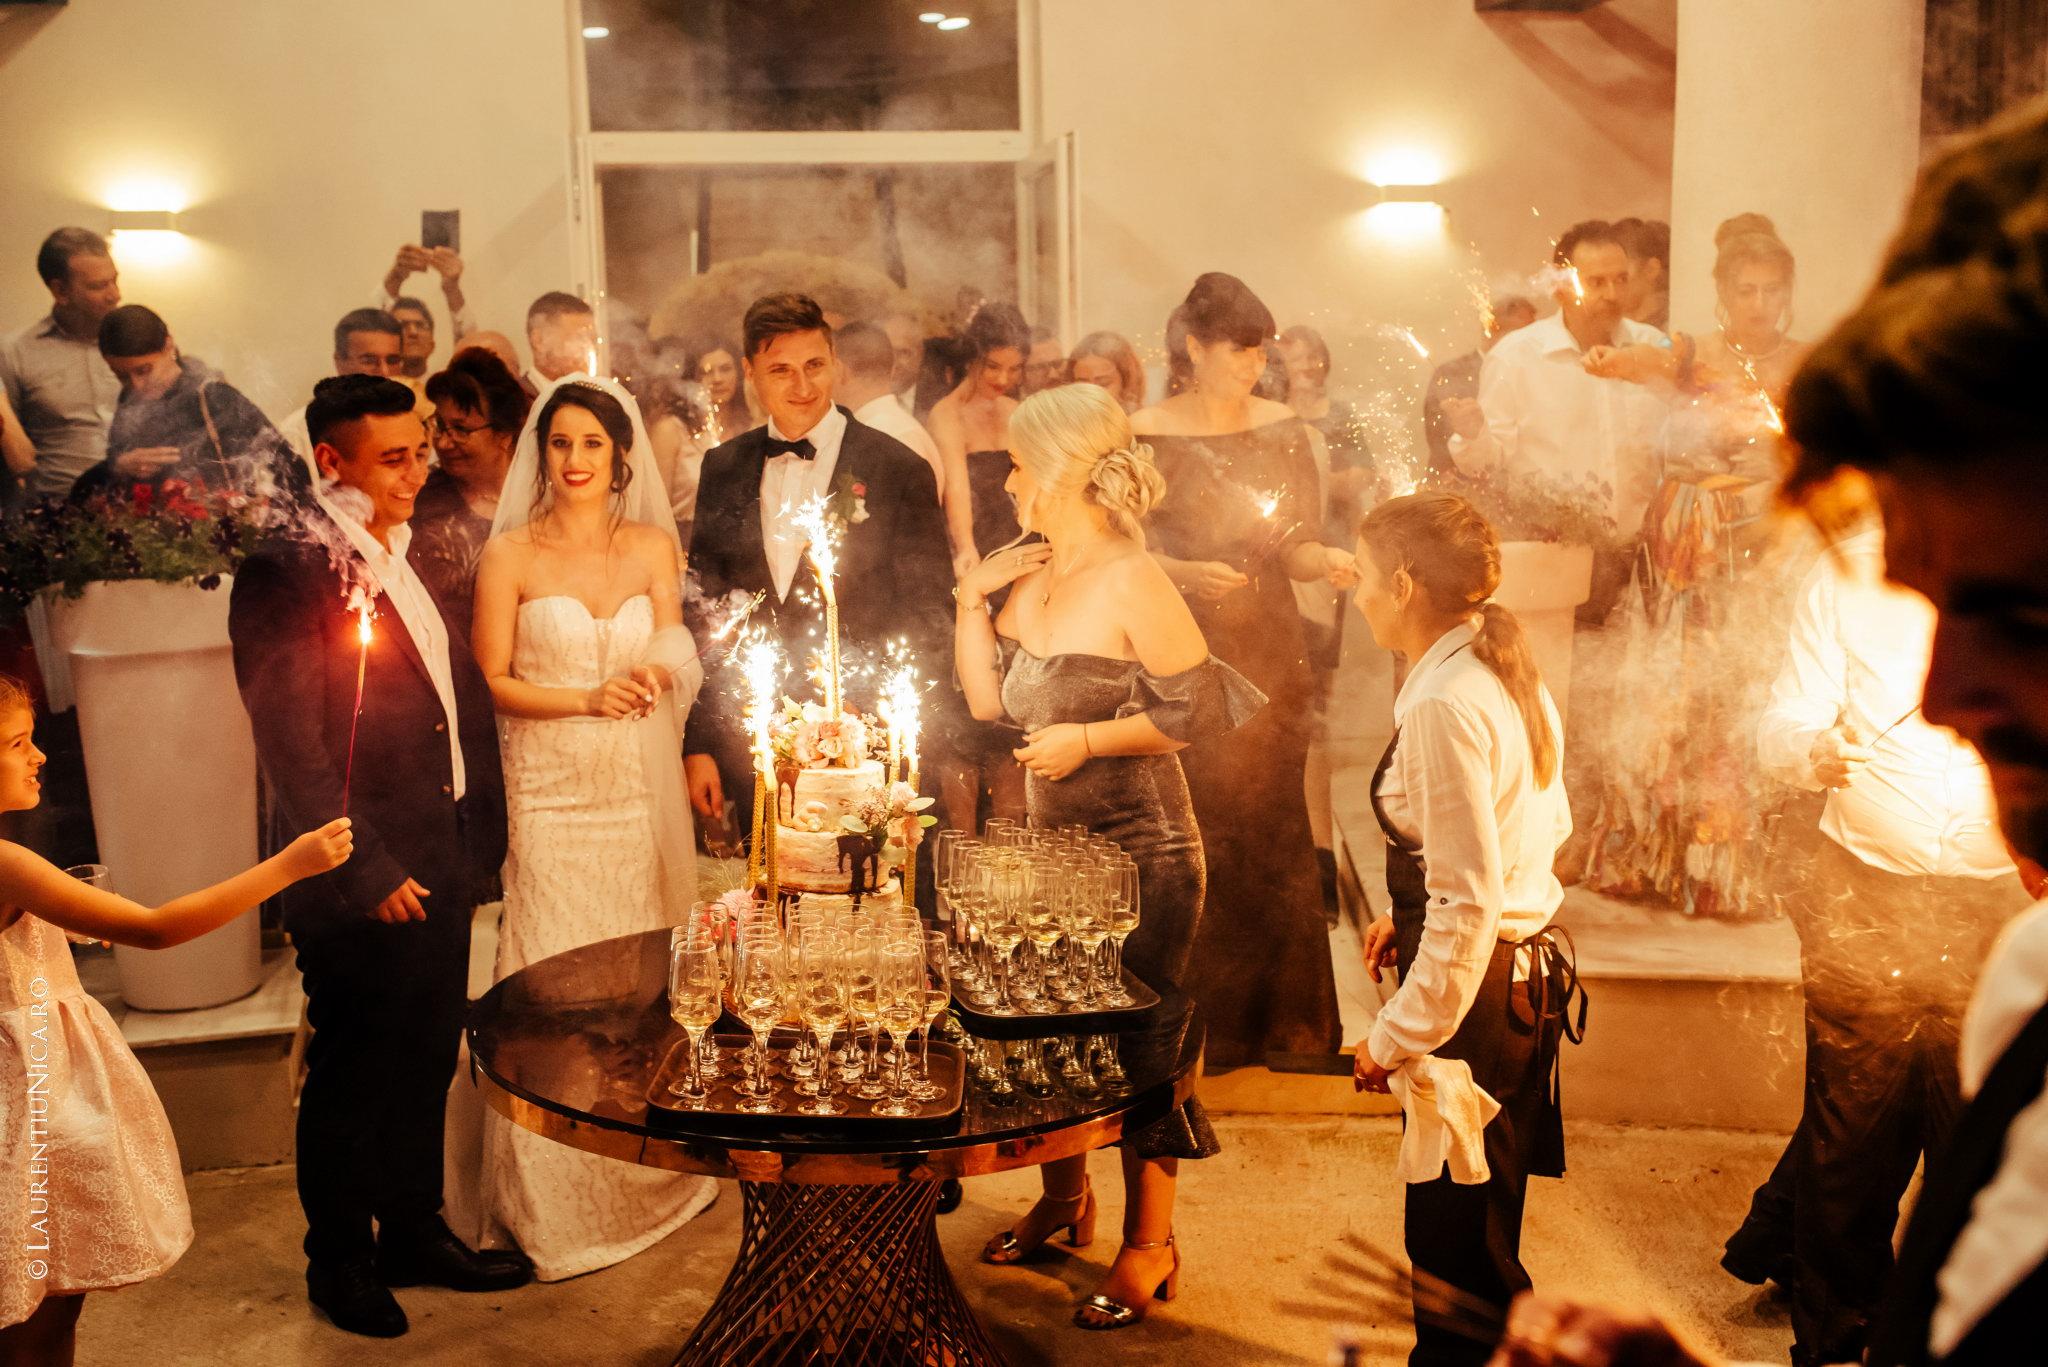 fotografii nunta denisa si florin craiova 43 - Denisa & Florin | Fotografii nunta | Craiova